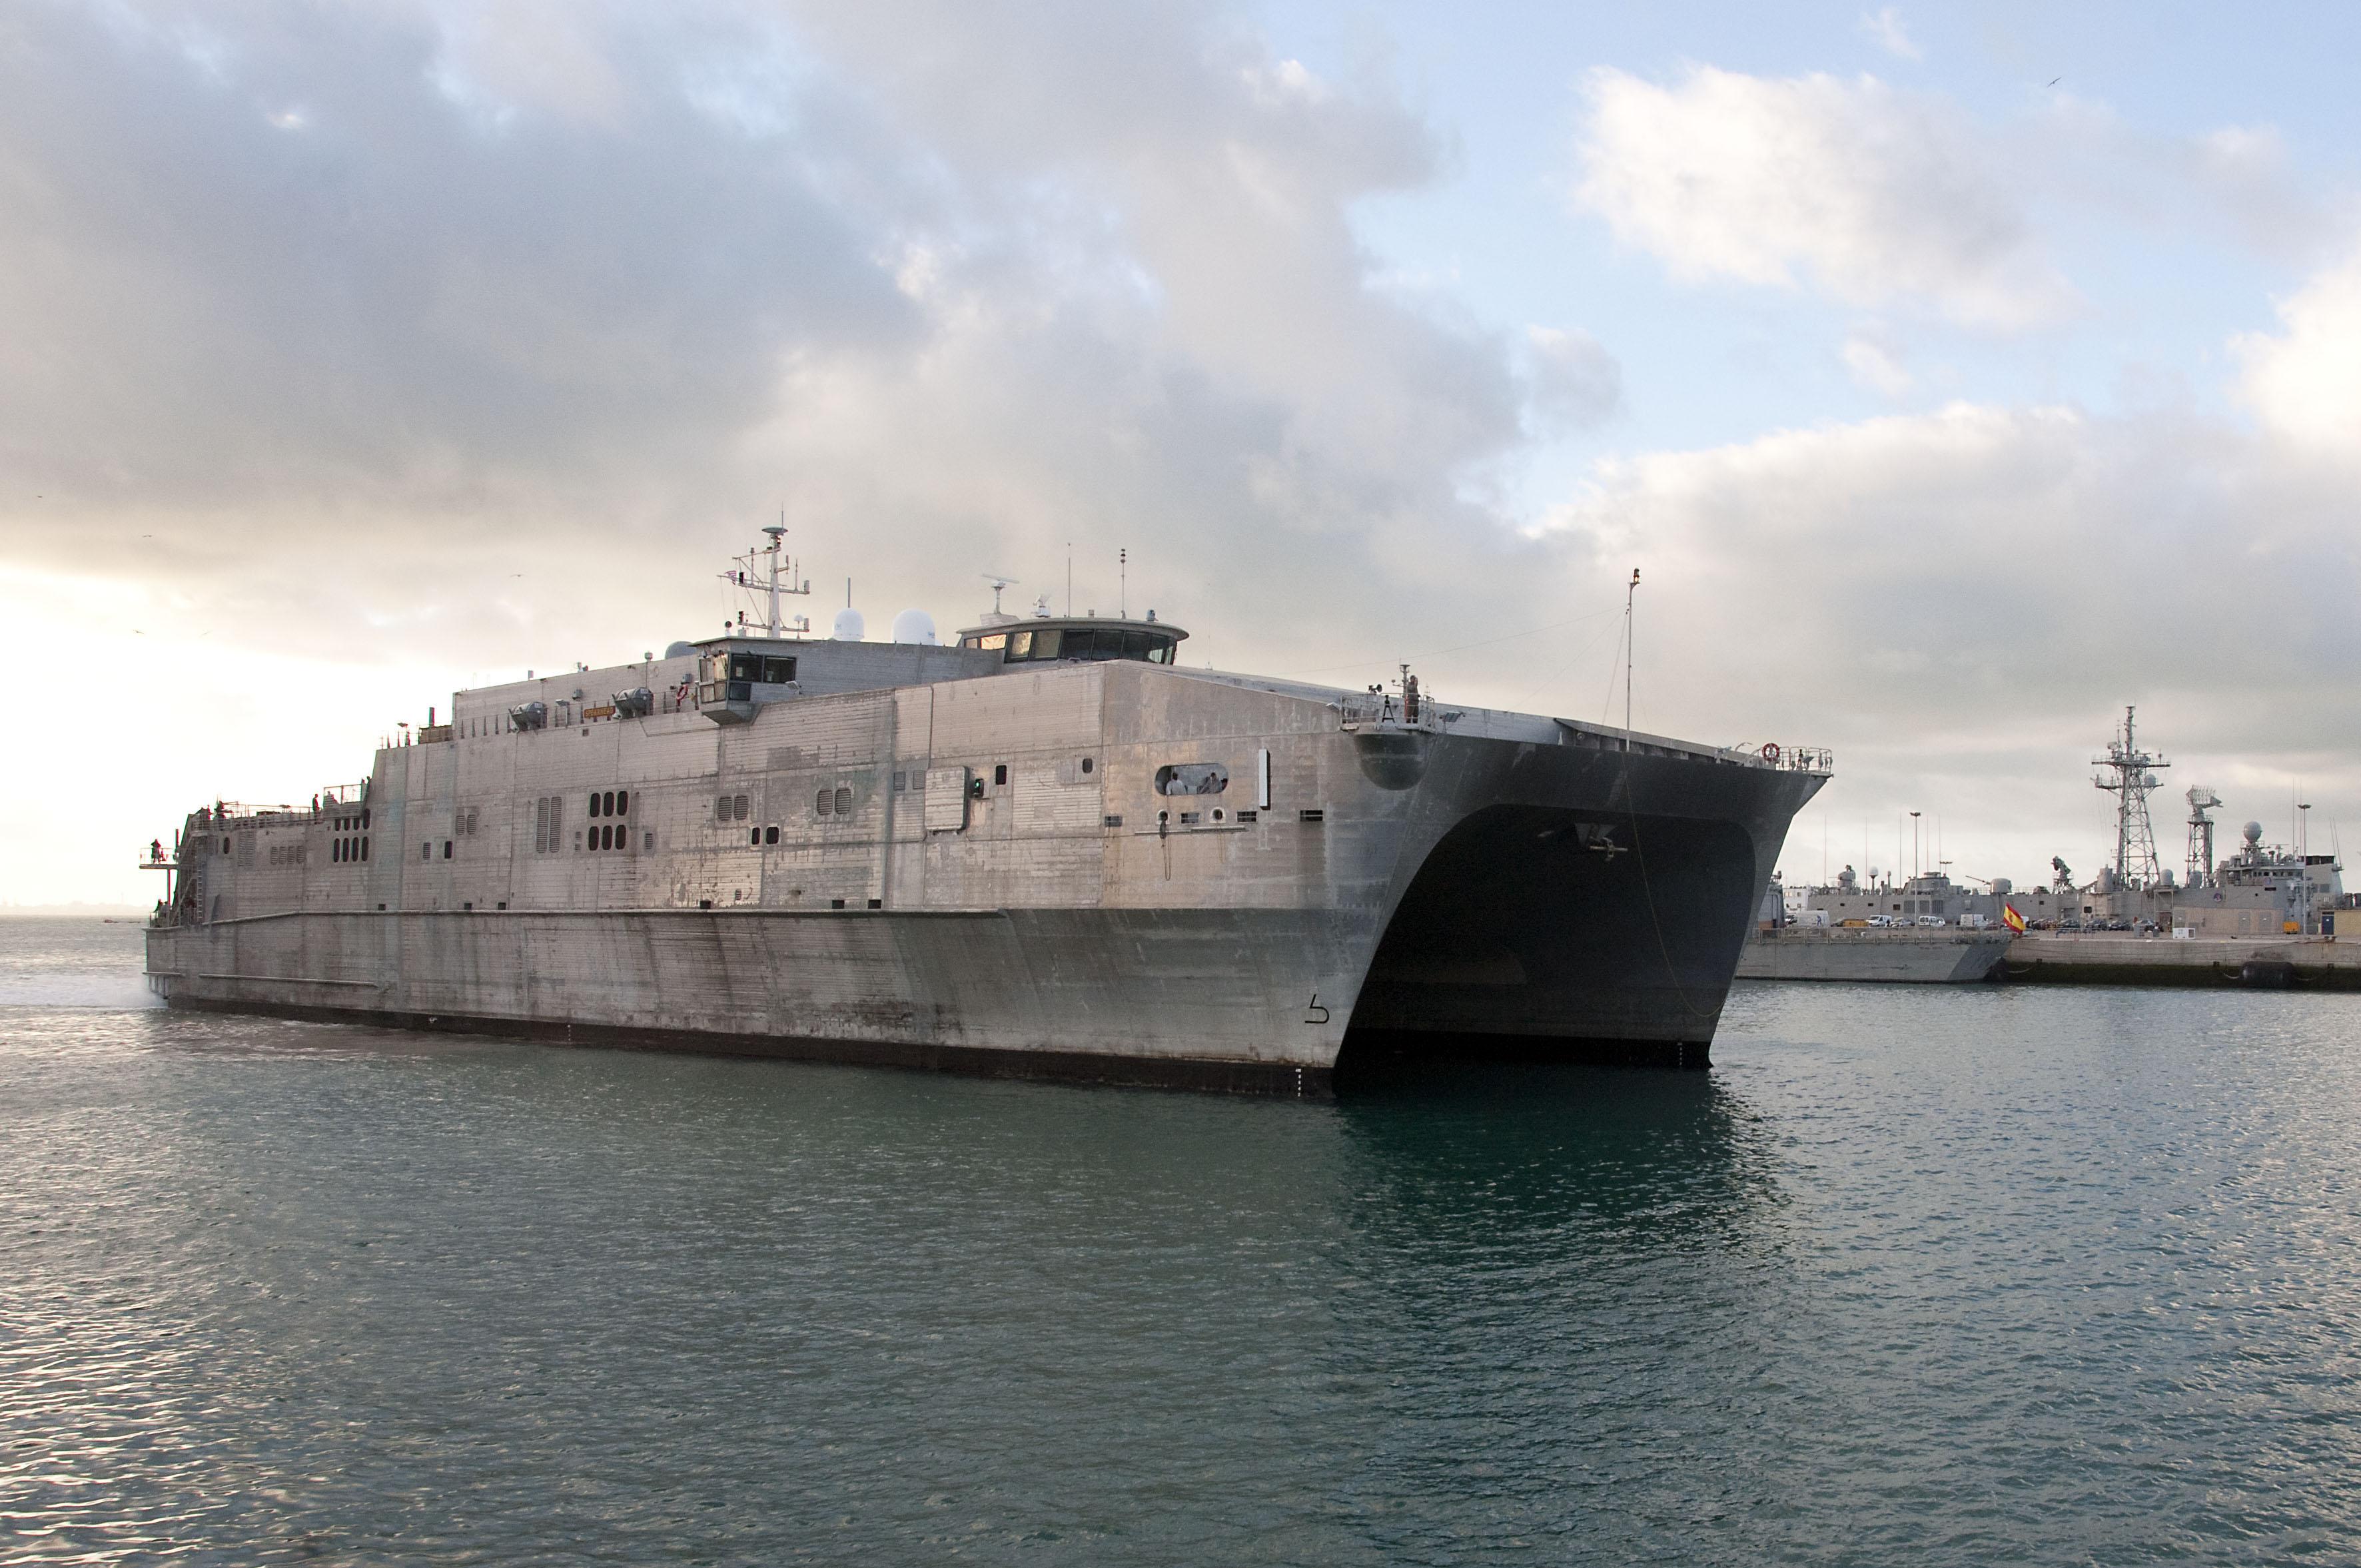 USNS SPEARHEAD T-EPF 1 Einlaufen Rota, Spanien am 08.01.2016 Bild: U.S. Navy